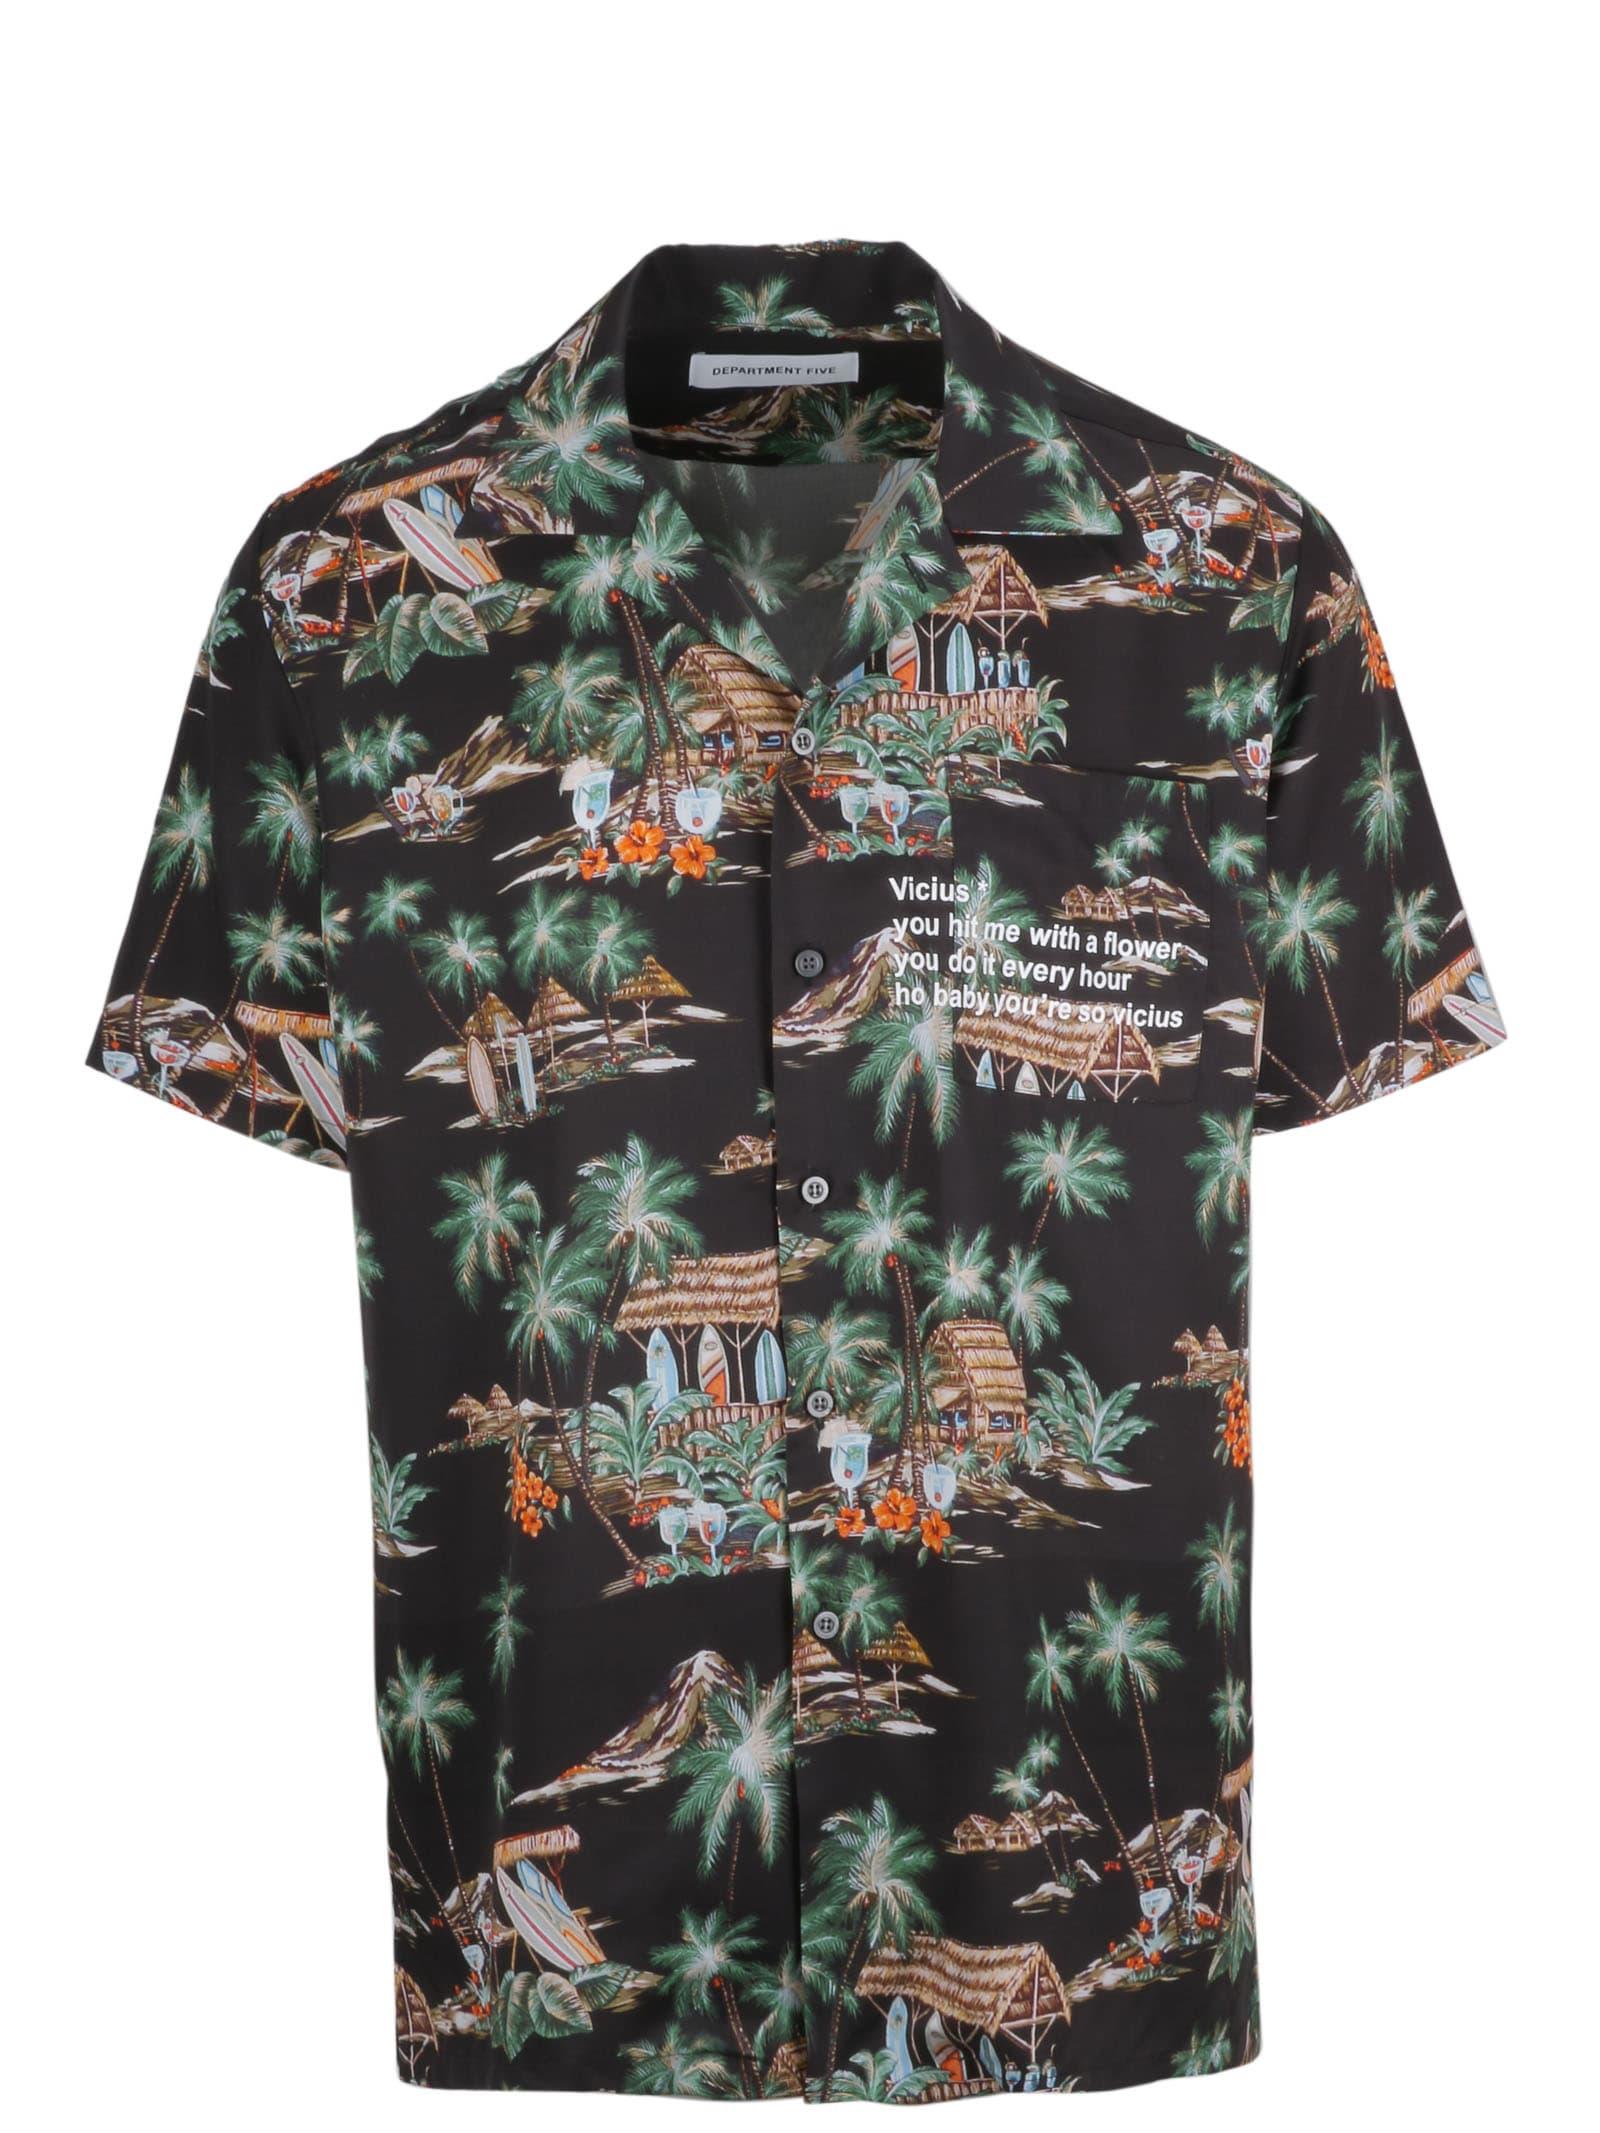 Department 5 Printed Shirt